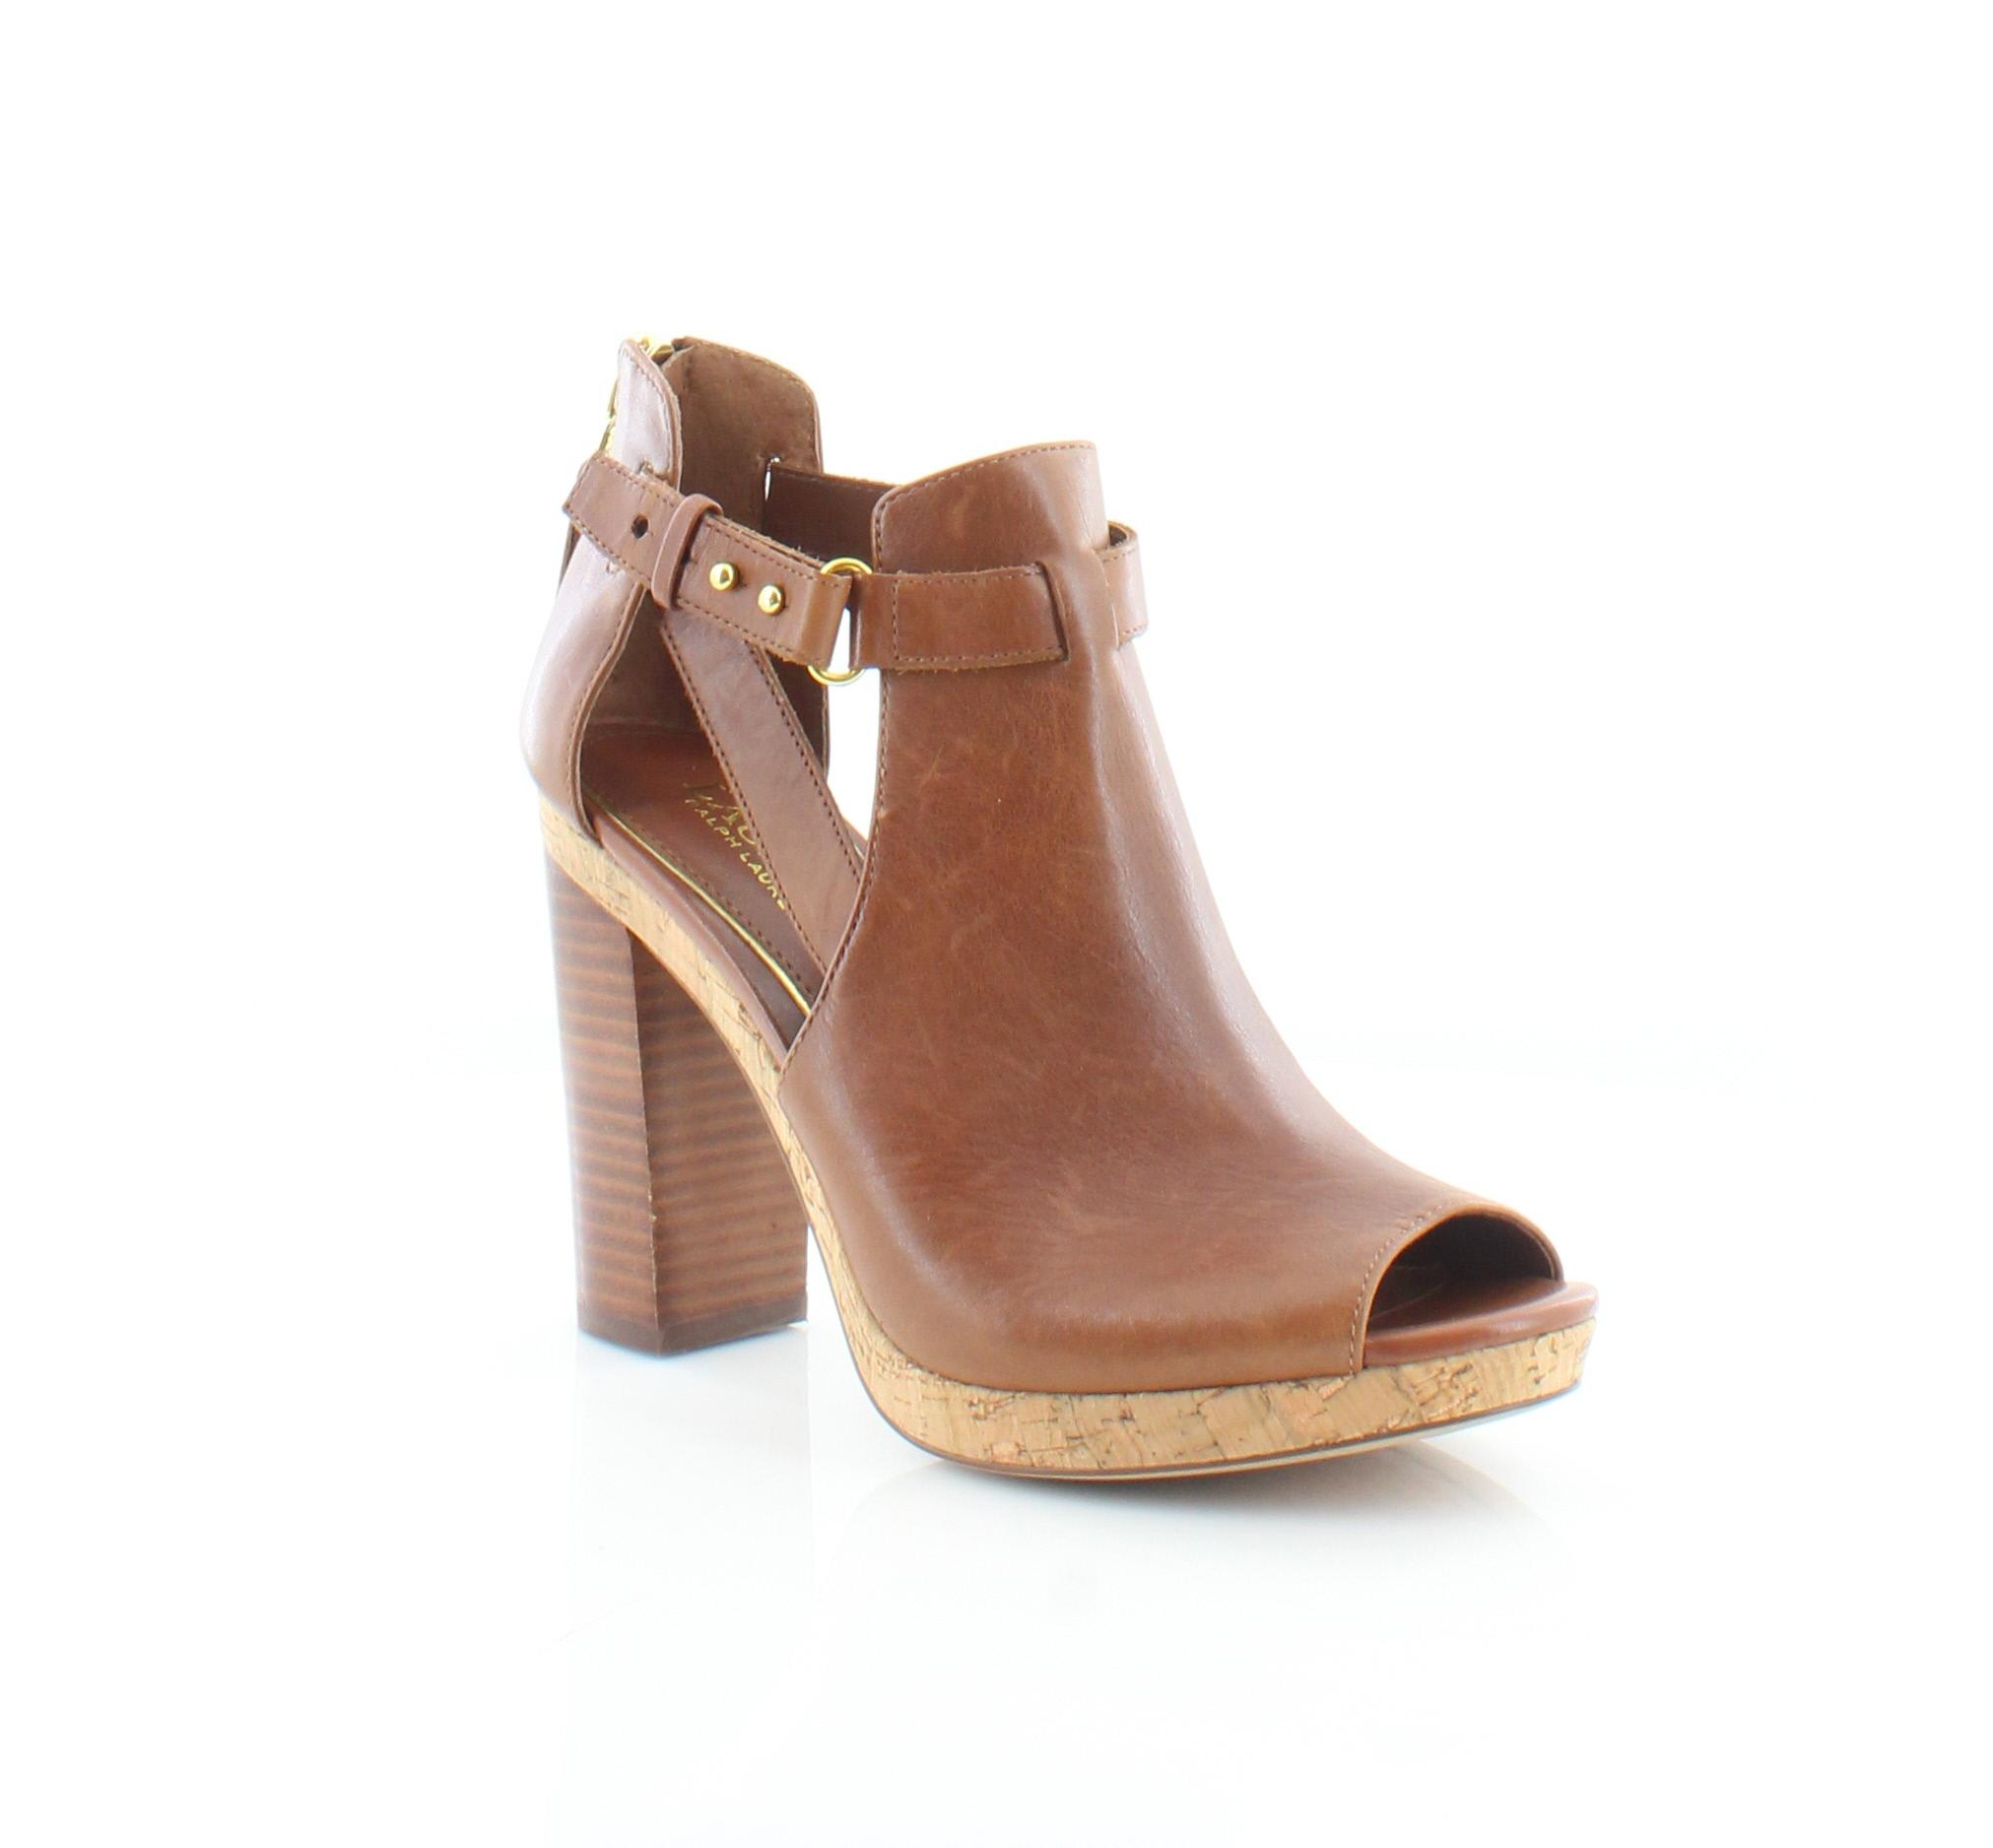 Lauren Ralph Lauren Fiana Women's Sandals & Flip Flops Polo Tan Size 7.5 M